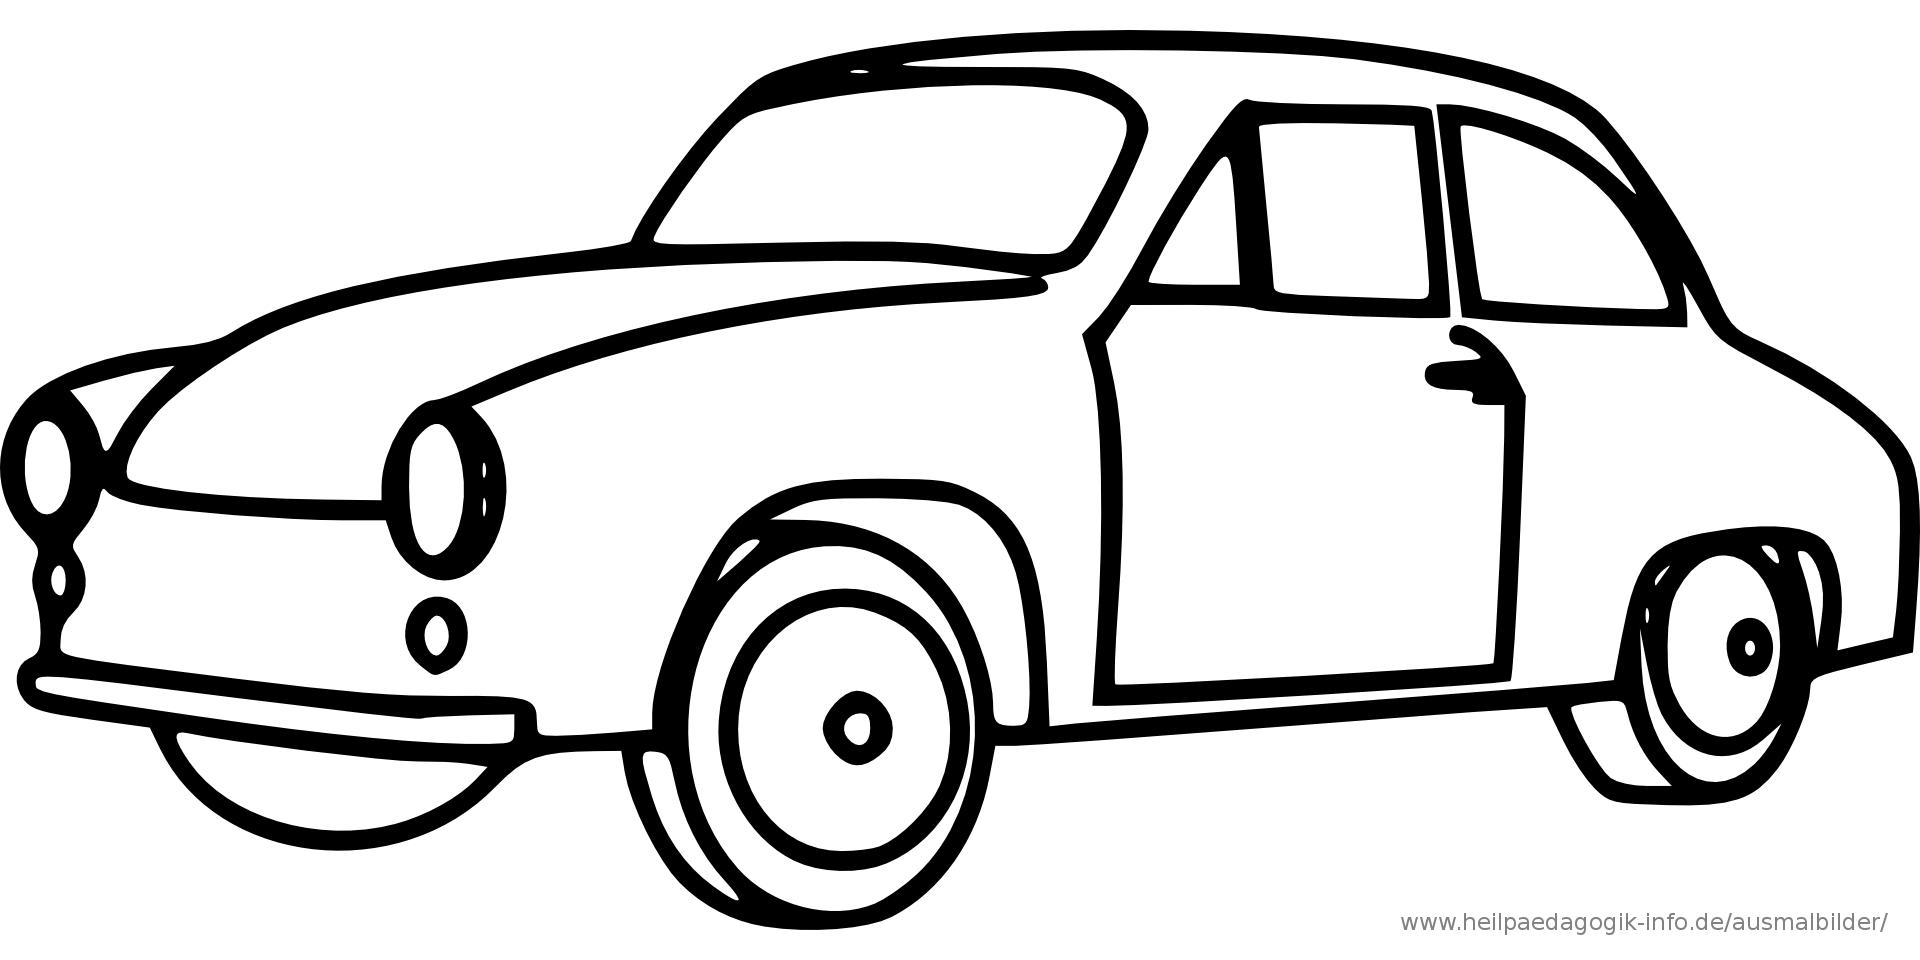 Malvorlage Auto Einfach – Ausmalbilder Für Kinder (Mit bei Malvorlage Auto Einfach